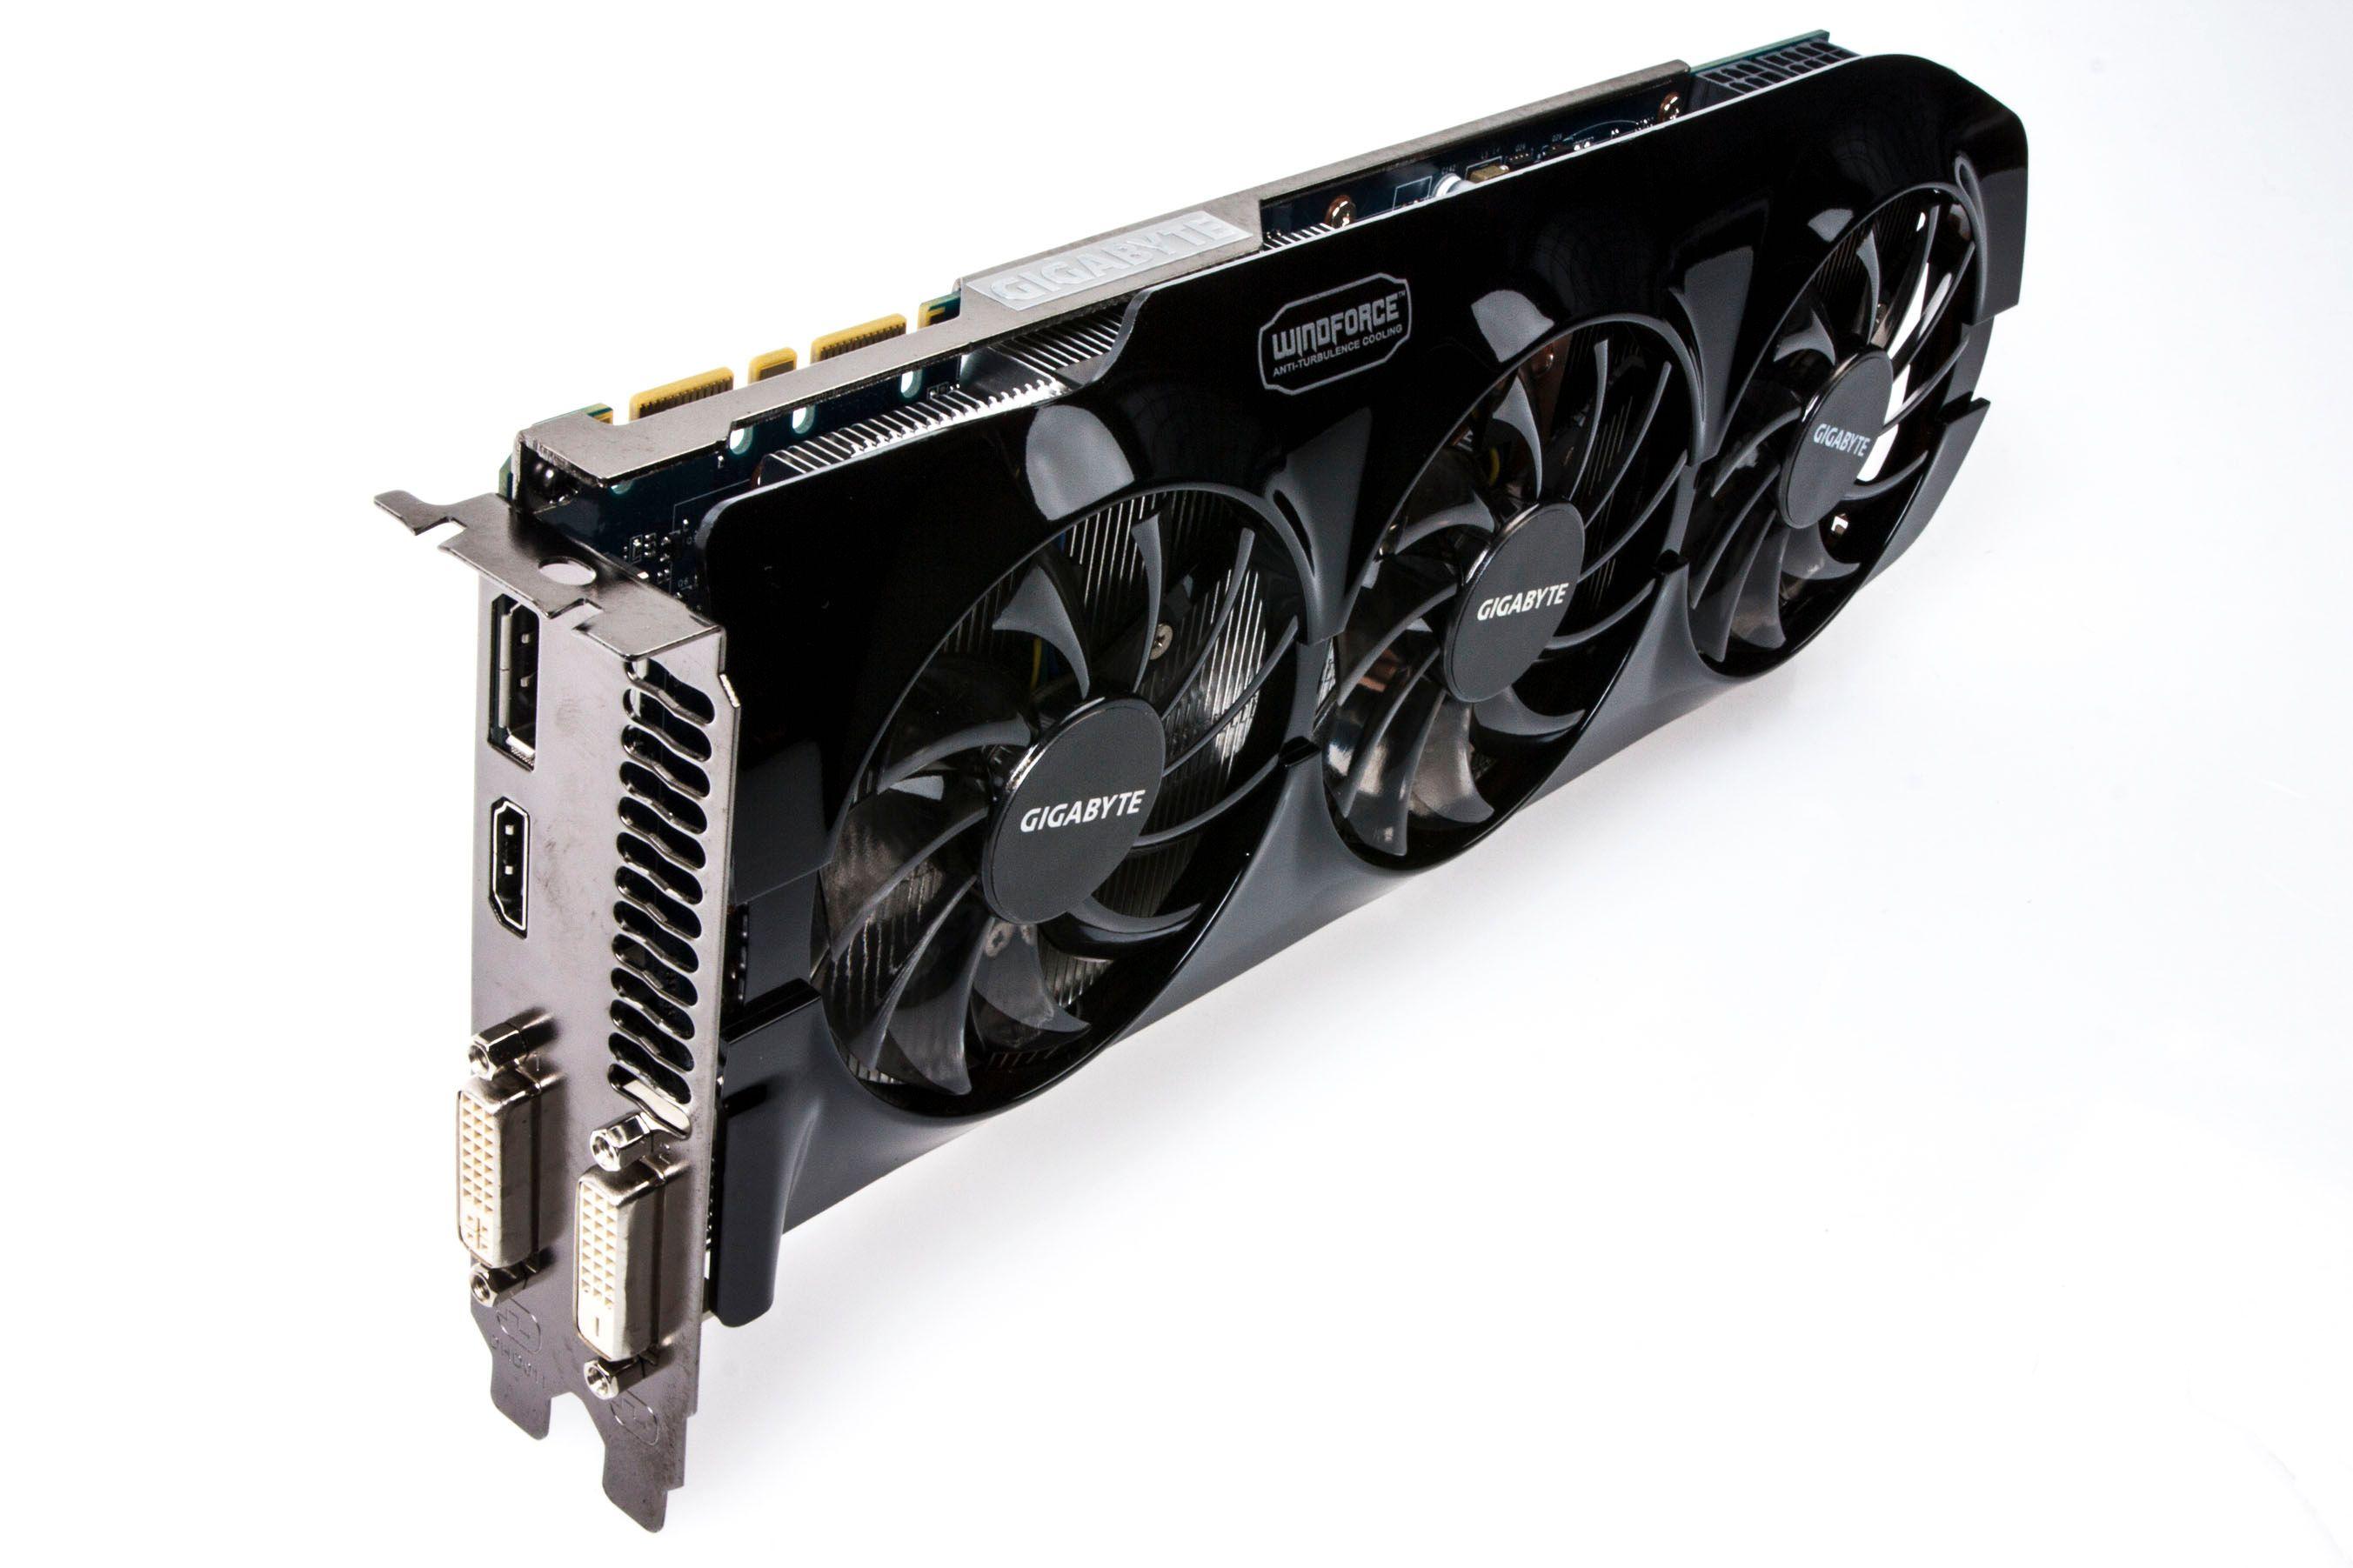 Gigabyte GeForce GTX 760 Windforce.Foto: Varg Aamo, Hardware.no